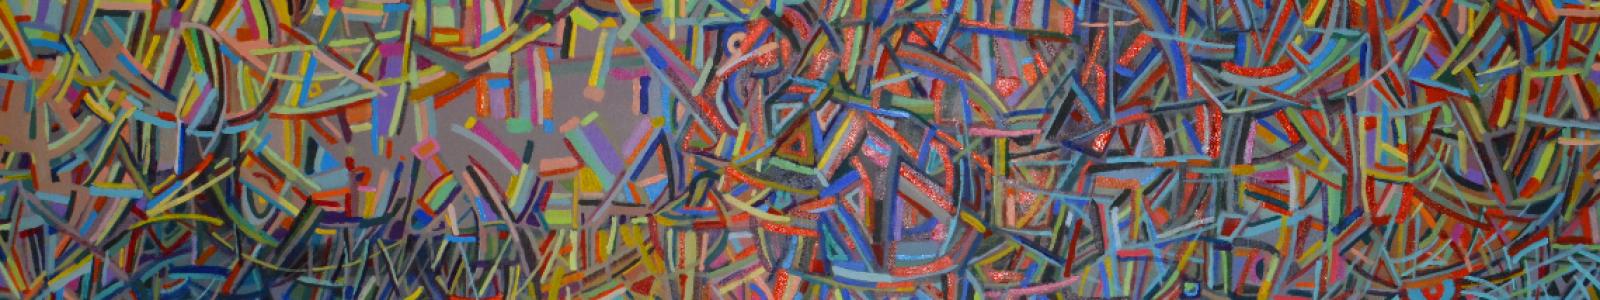 Gallery Painter Alex Rubanov